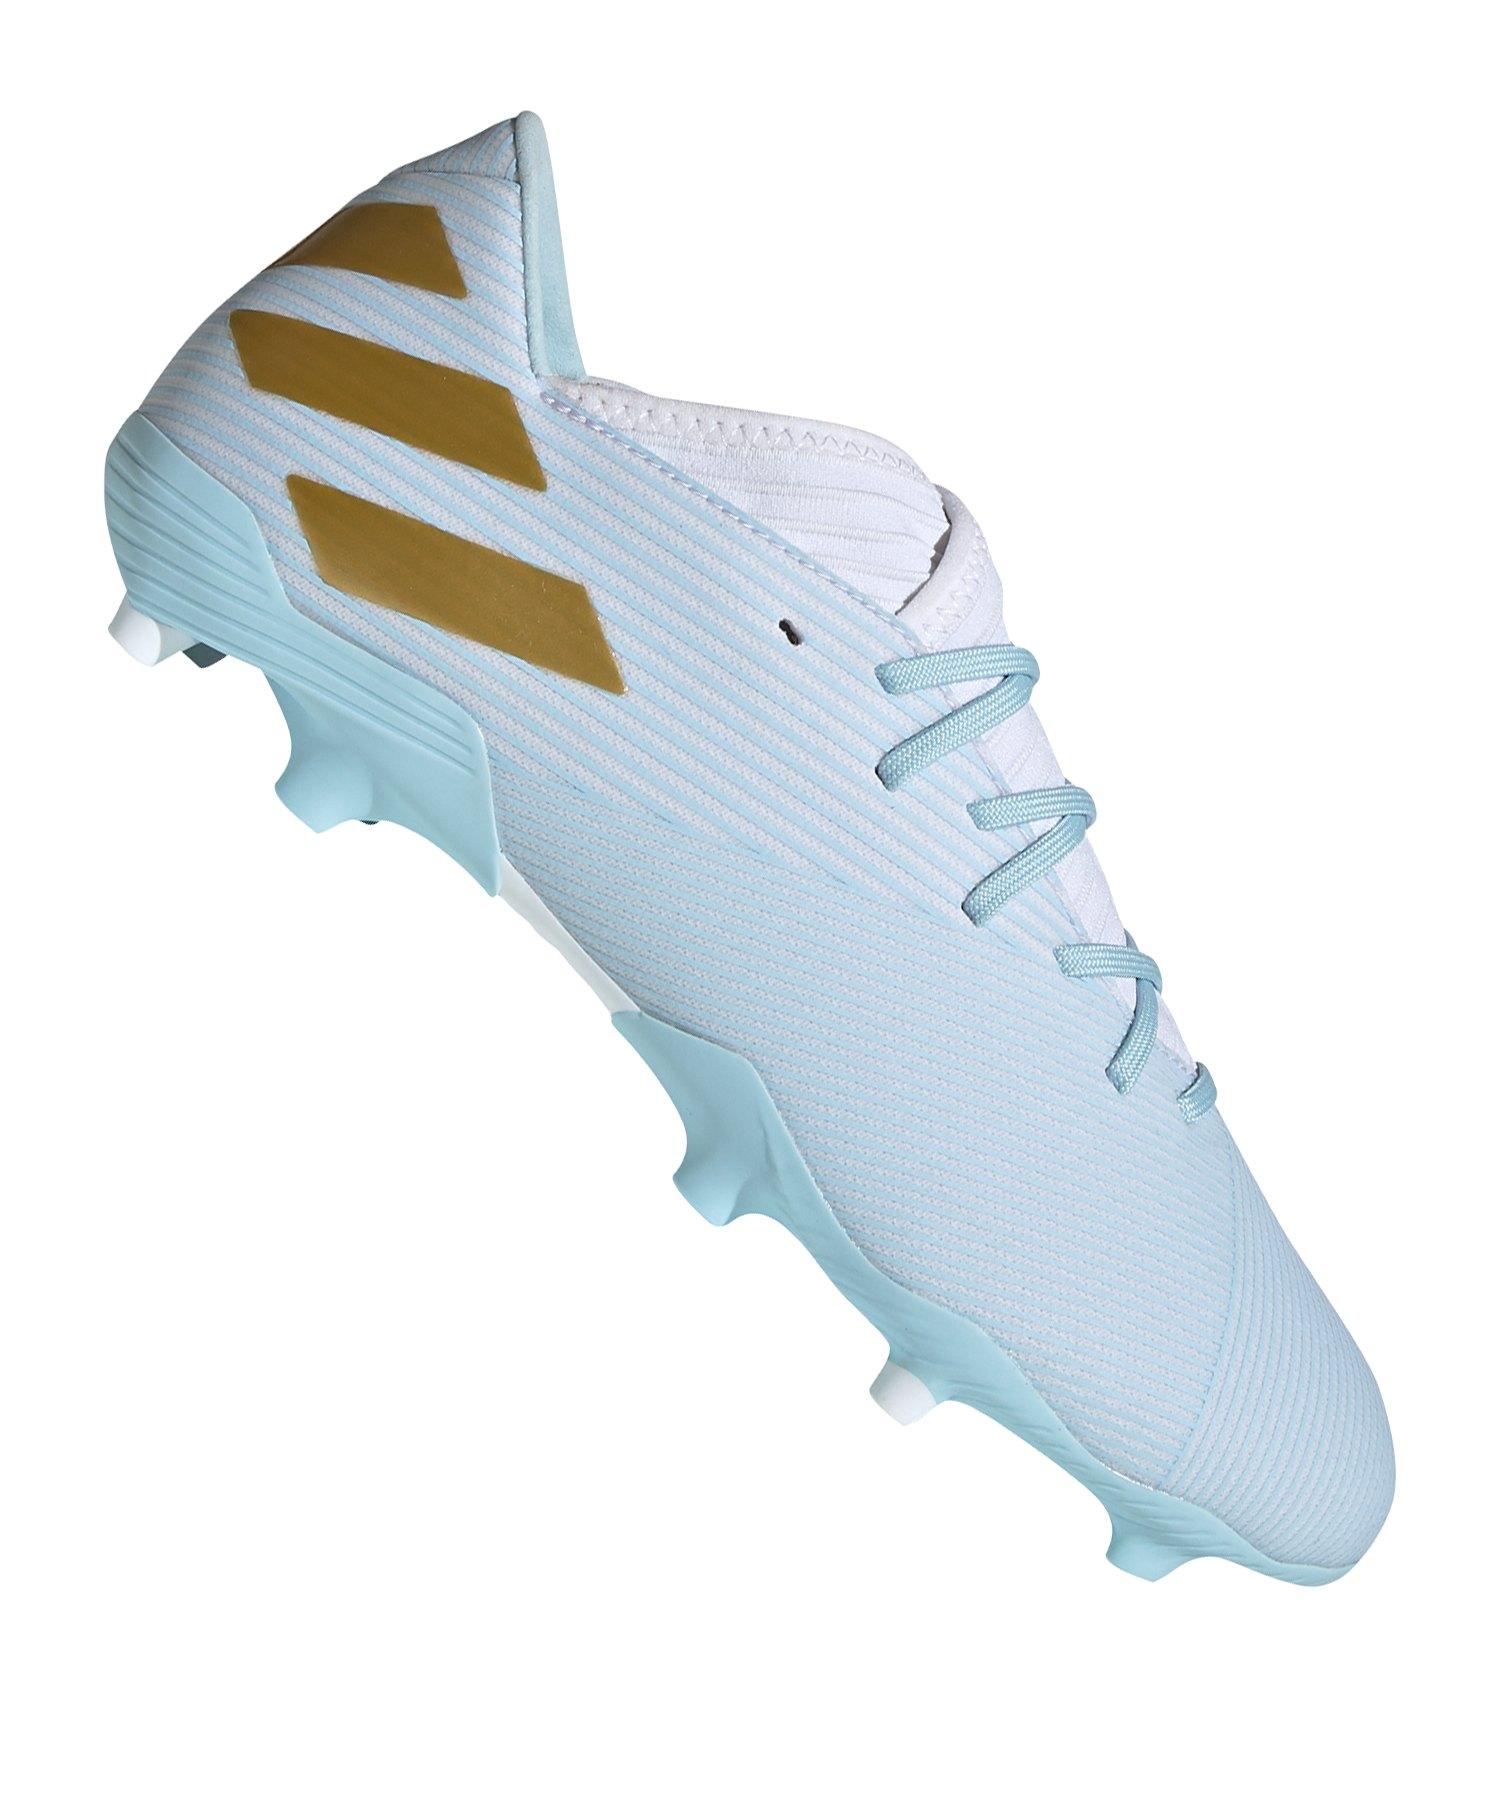 adidas NEMEZIZ Messi 19.3 FG Weiss Blau Gold - weiss